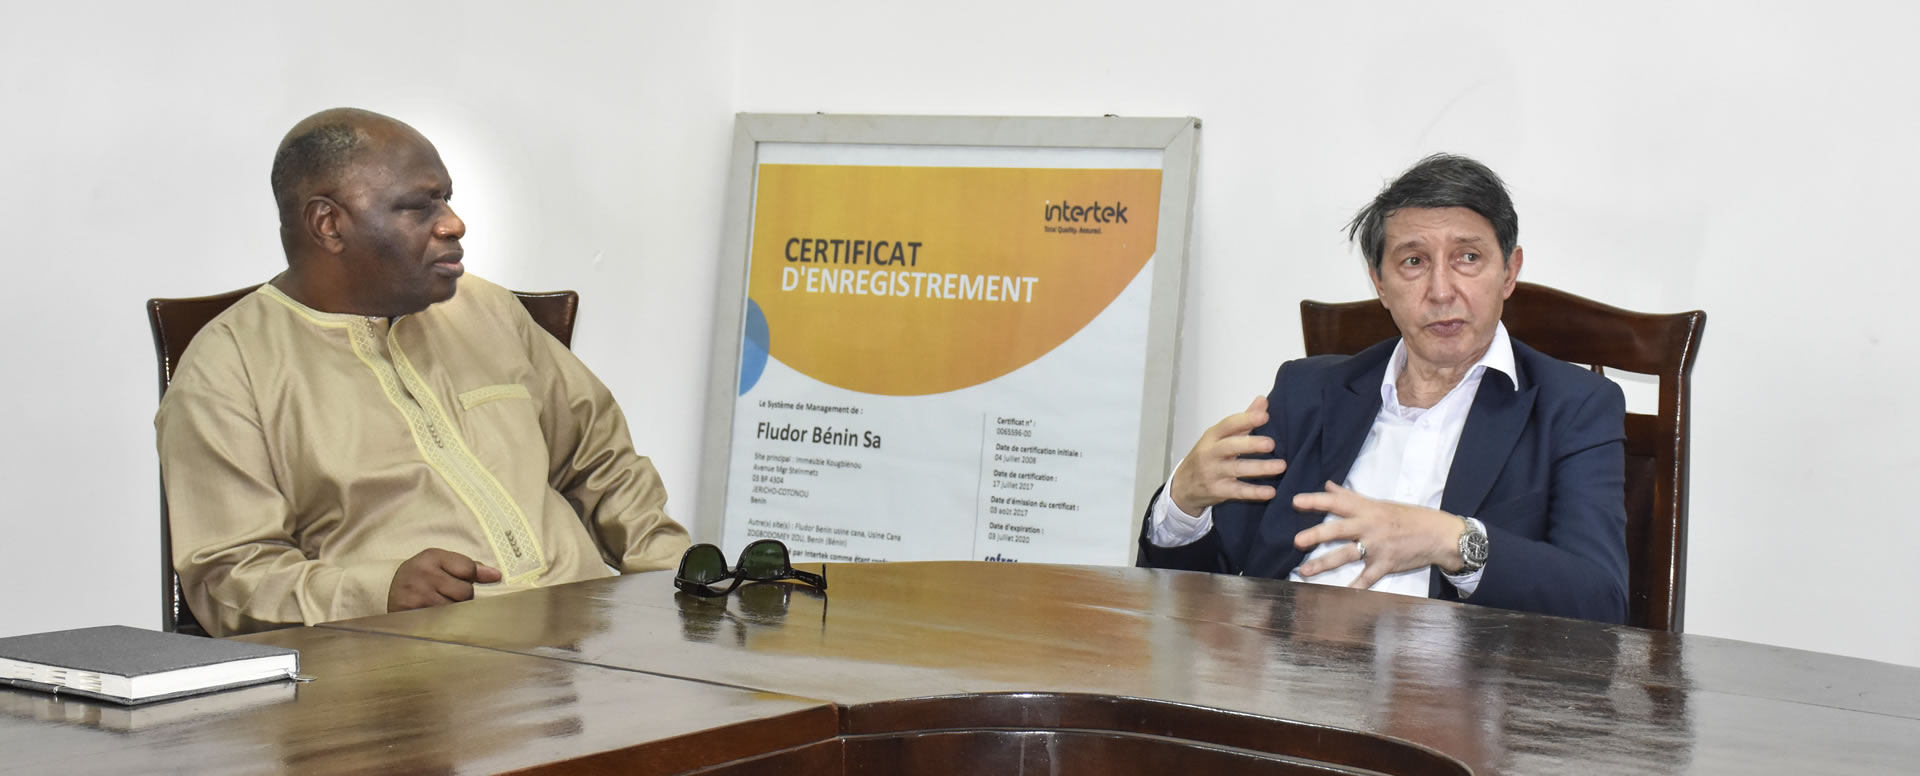 ABMS / FLUDOR Bénin SA UN PARTENARIAT GAGNANT GAGNANT POUR LA SANTÉ DE PLUS DE 1.500 OUVRIERS